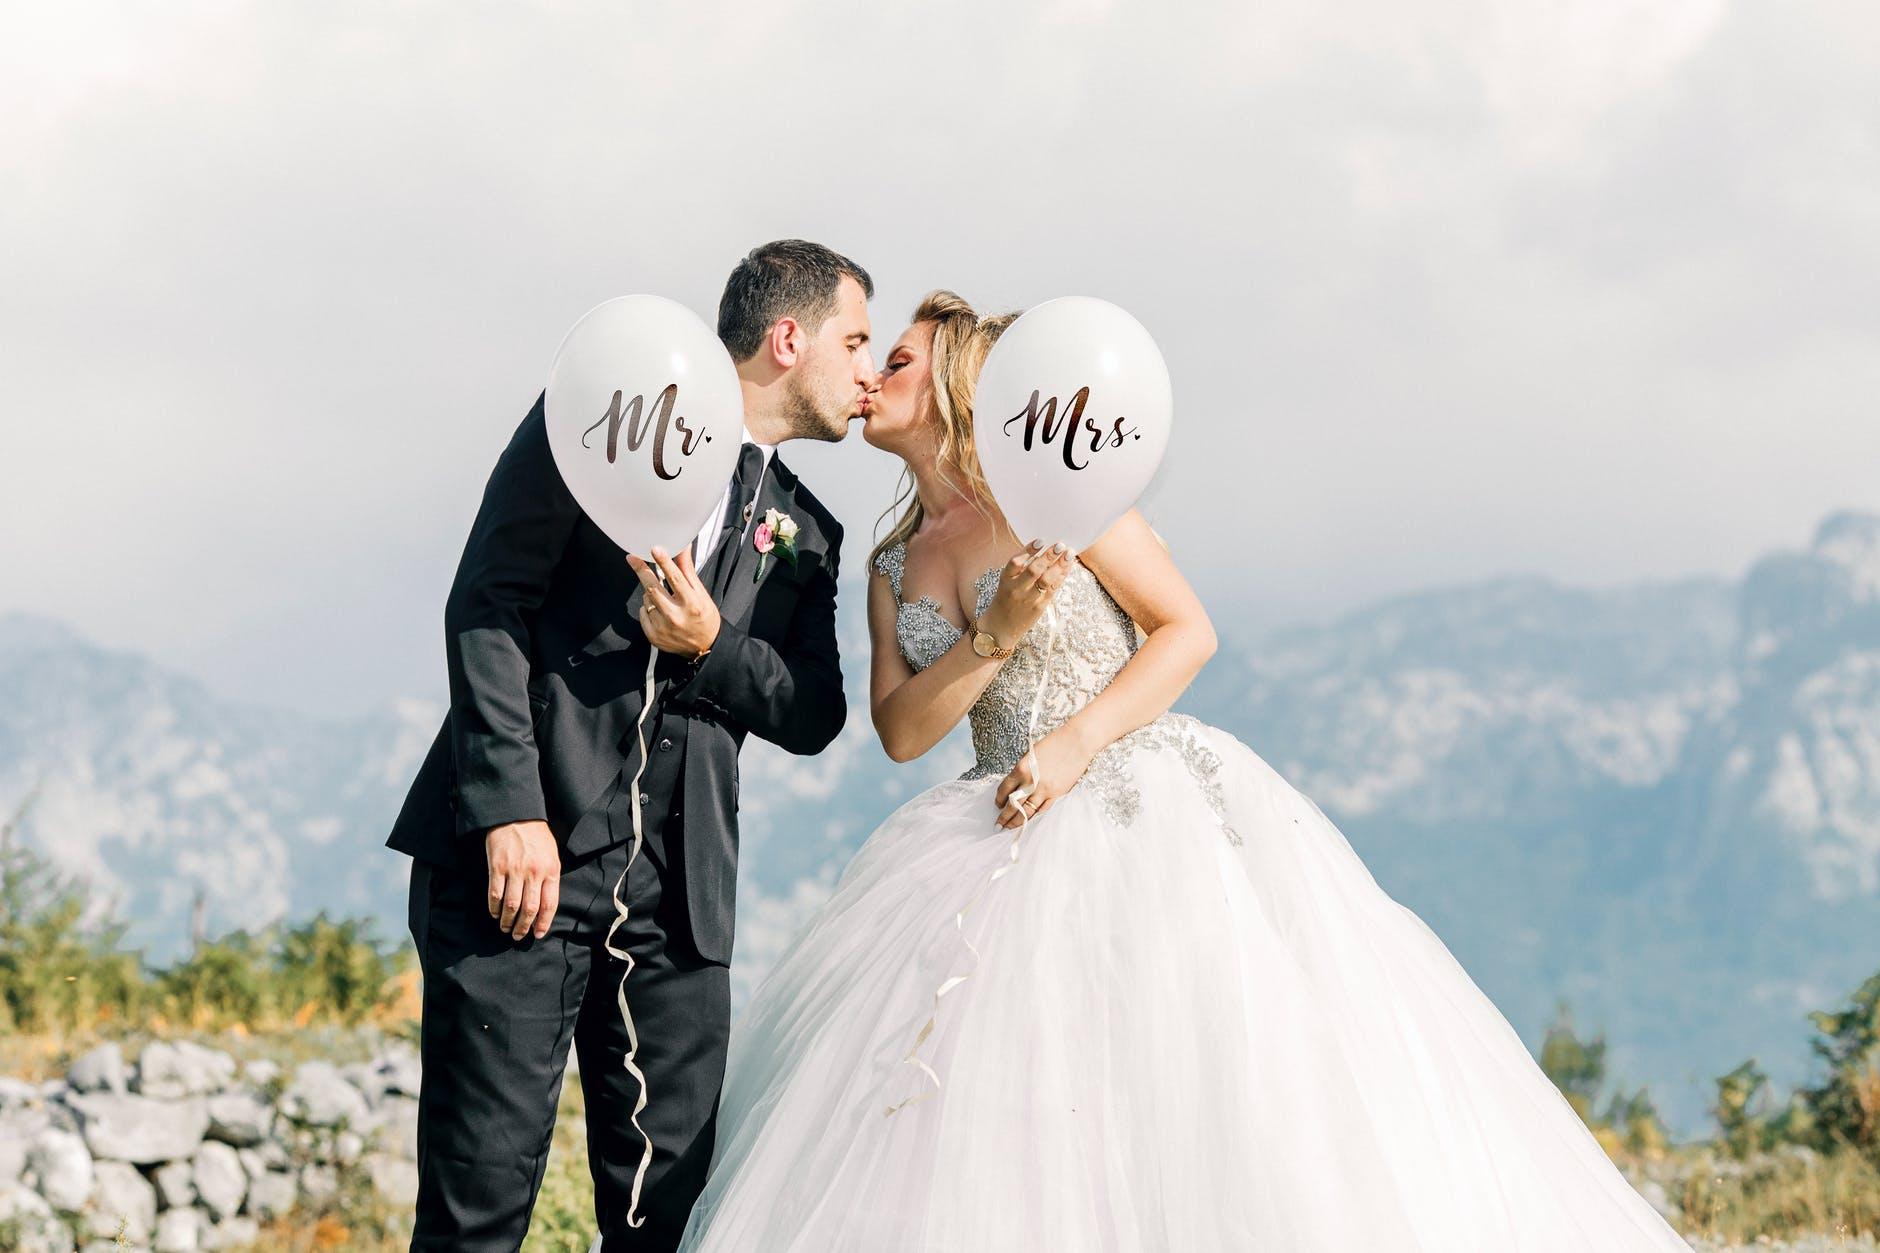 Beliebte Hochzeitsspiele – Die Besten Spiele zur Hochzeit